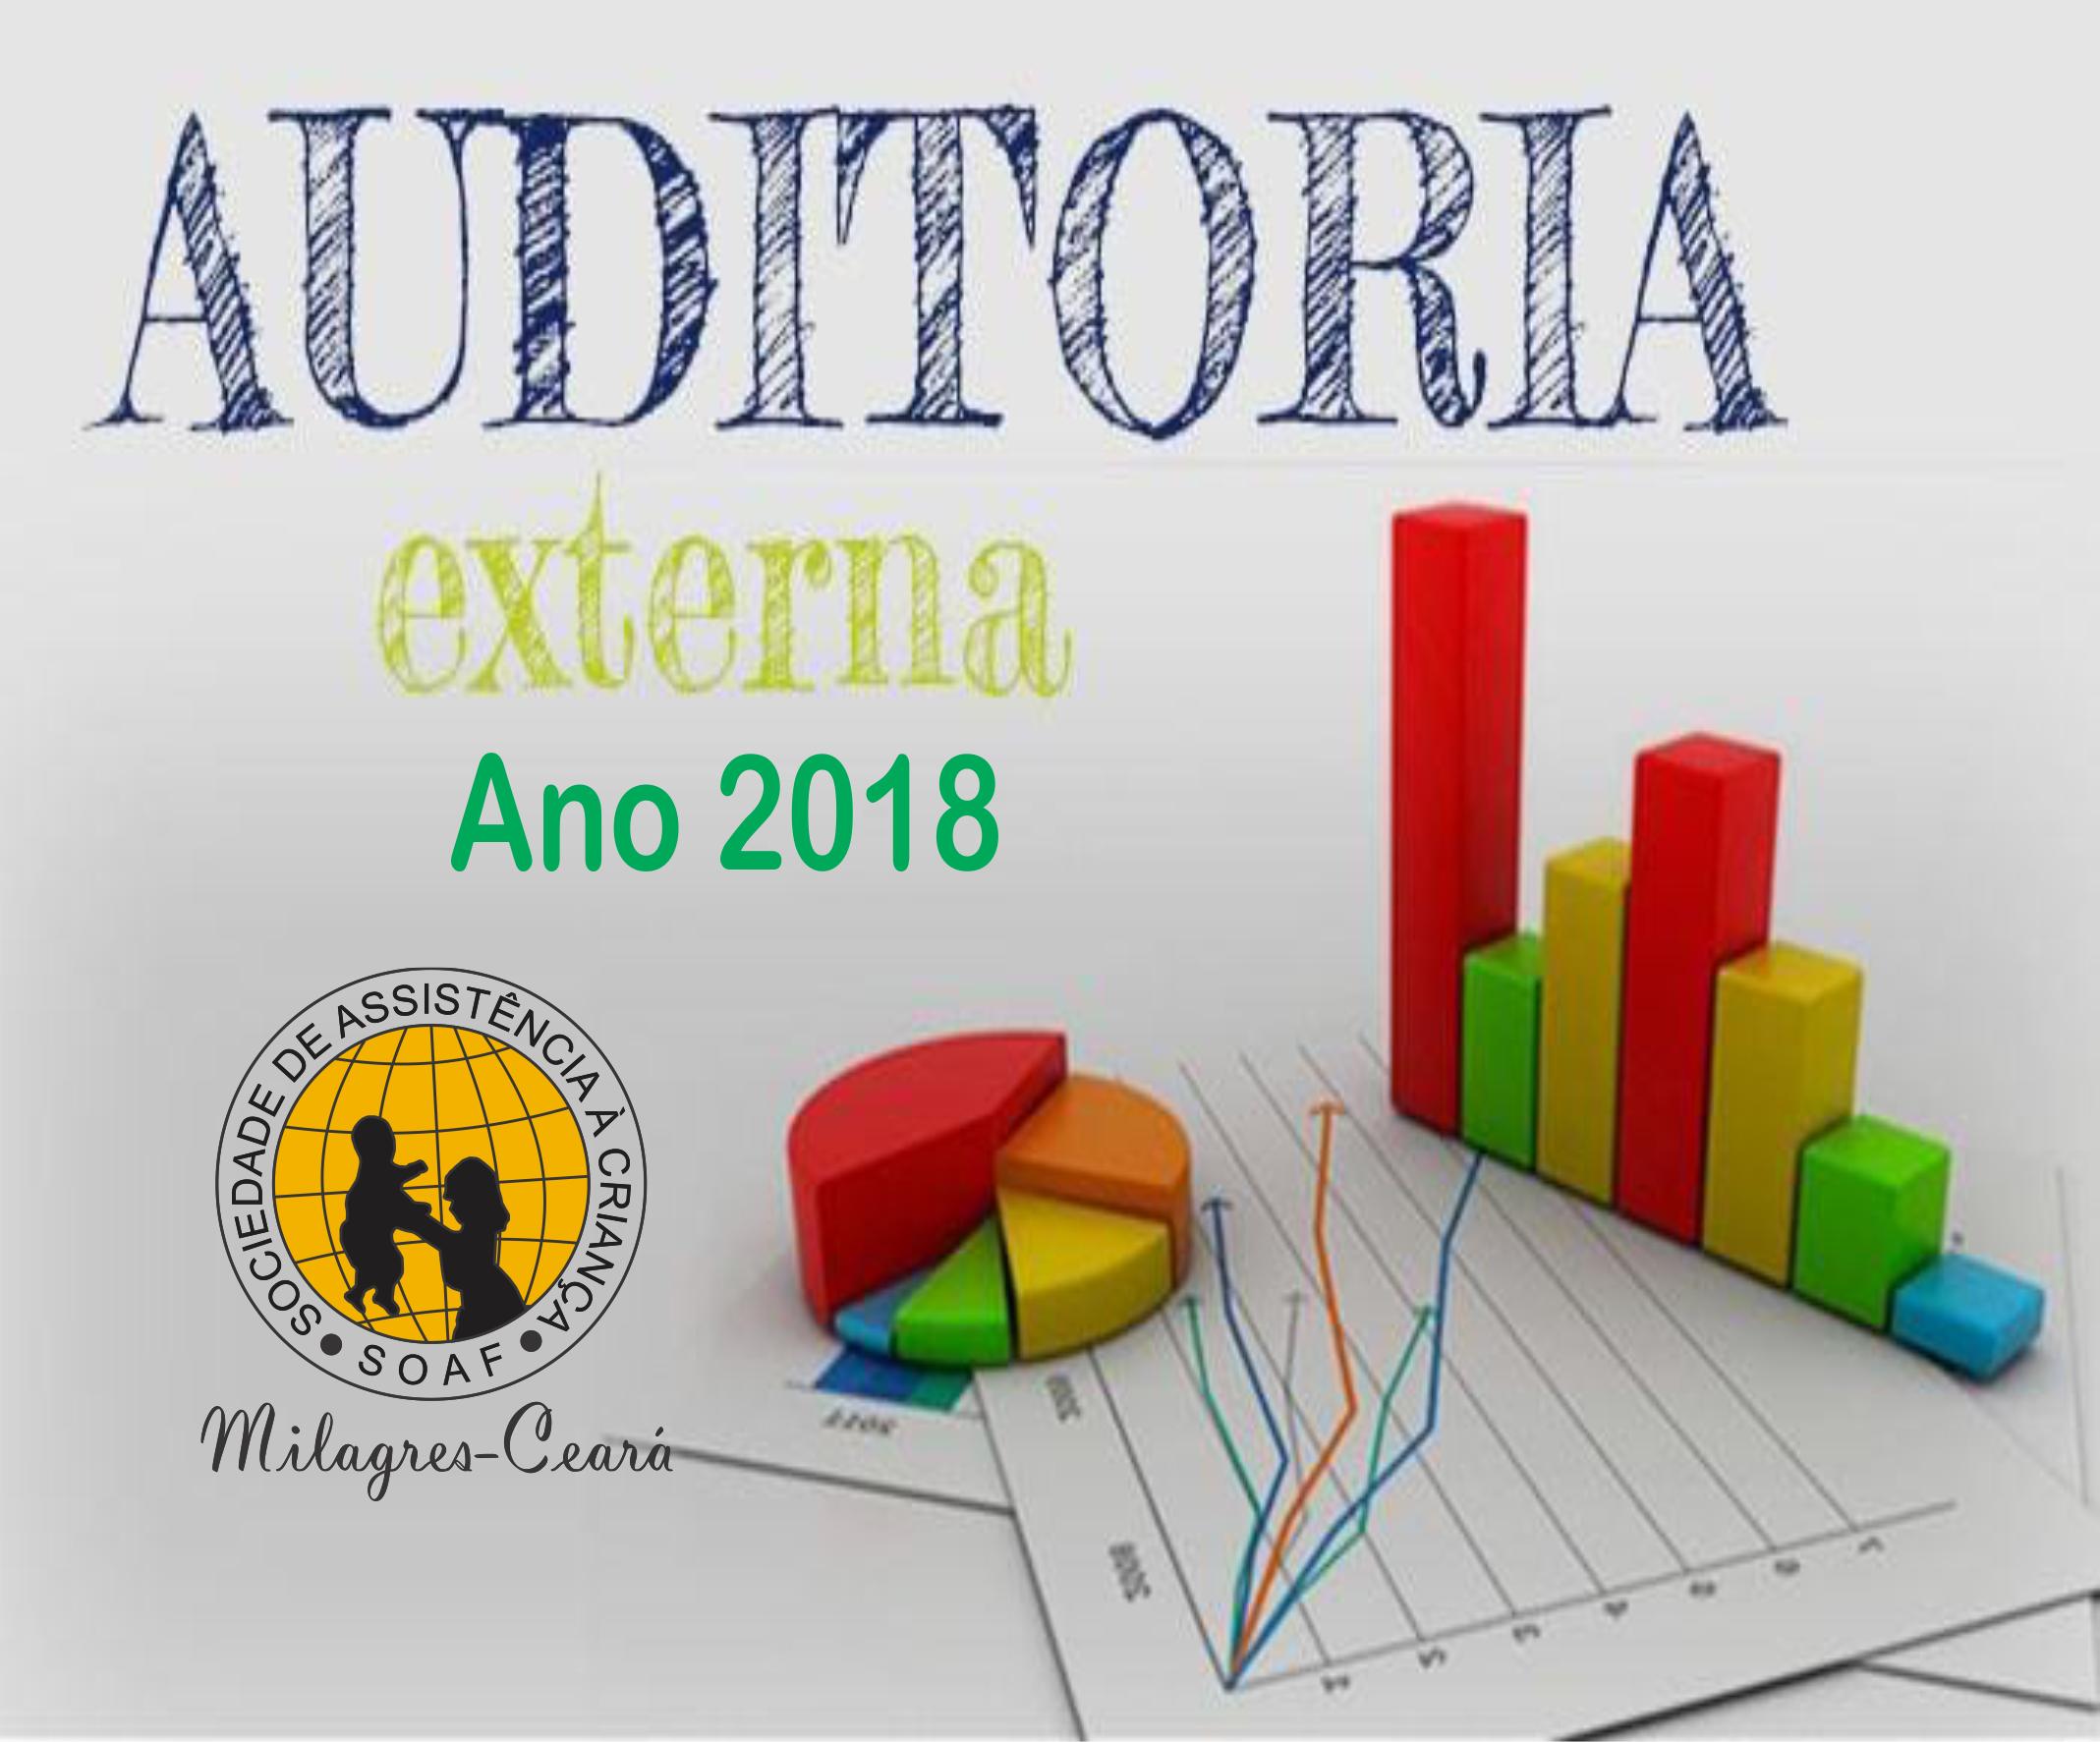 SOAF divulga Resultado da Auditoria Externa 2018